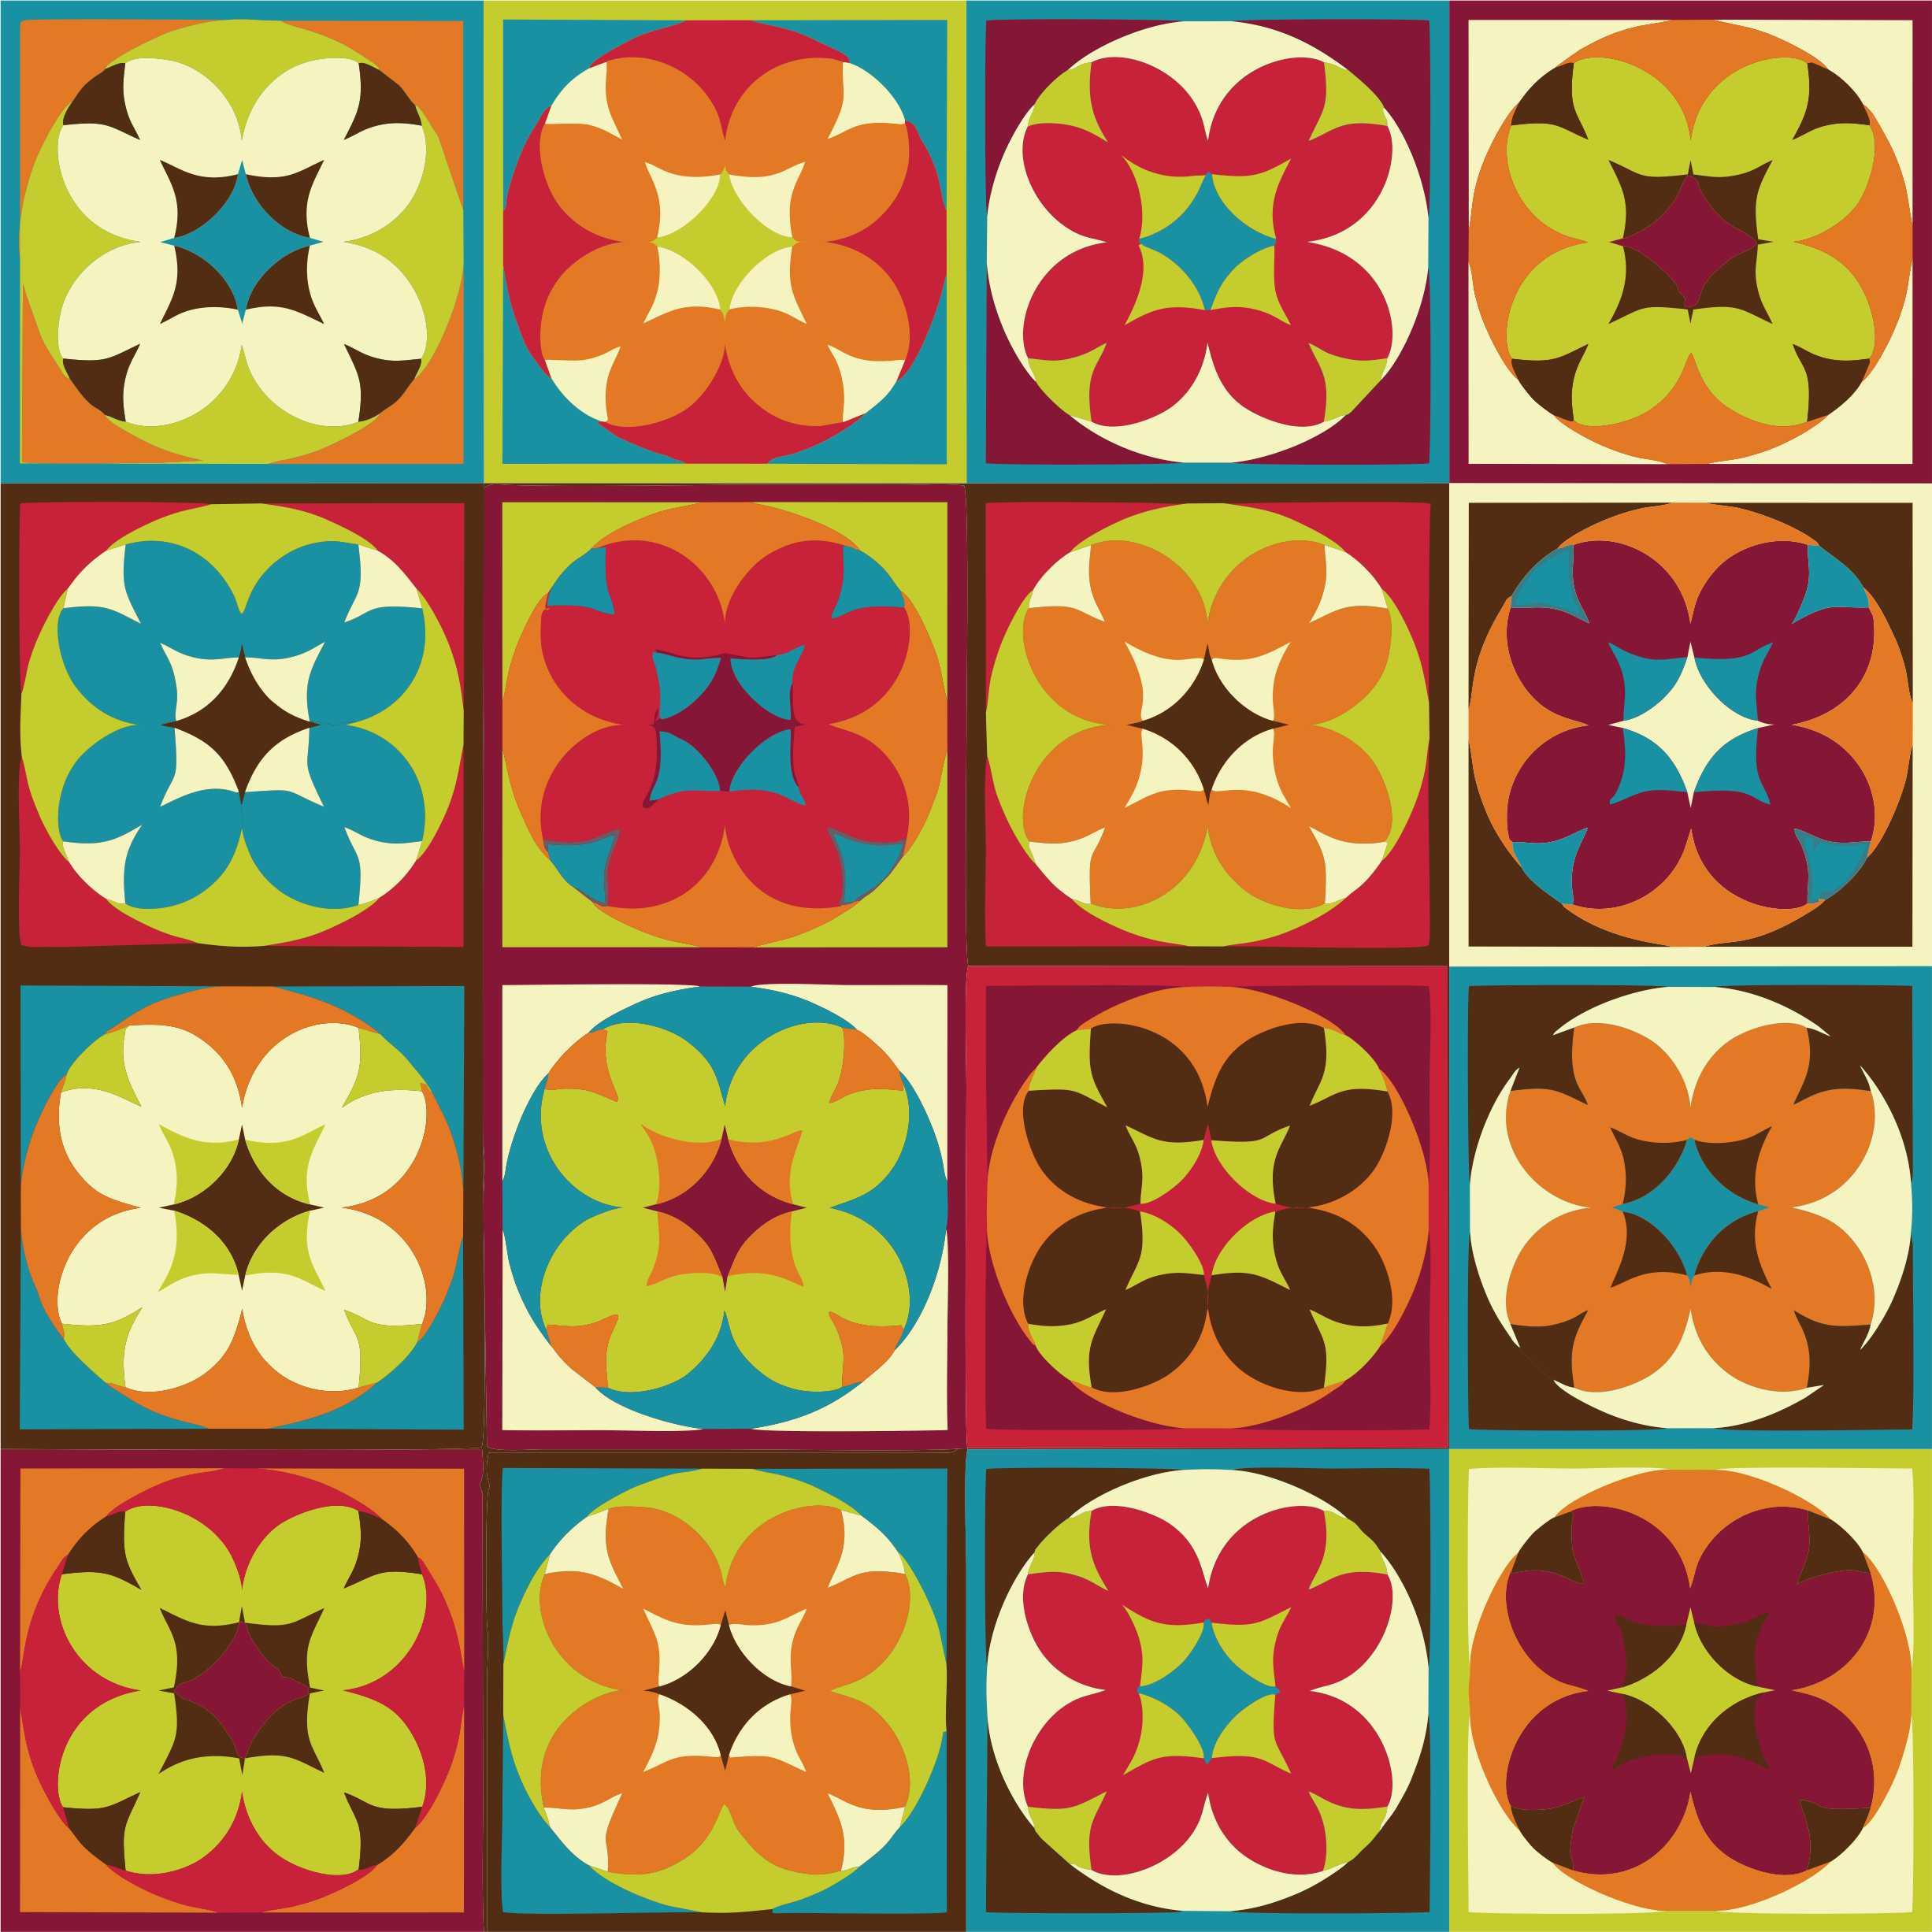 adesivo vinilico azulejo portugues adesivo azulejo portugues #1093AD 2453x2453 Banheiro Com Adesivo De Azulejo